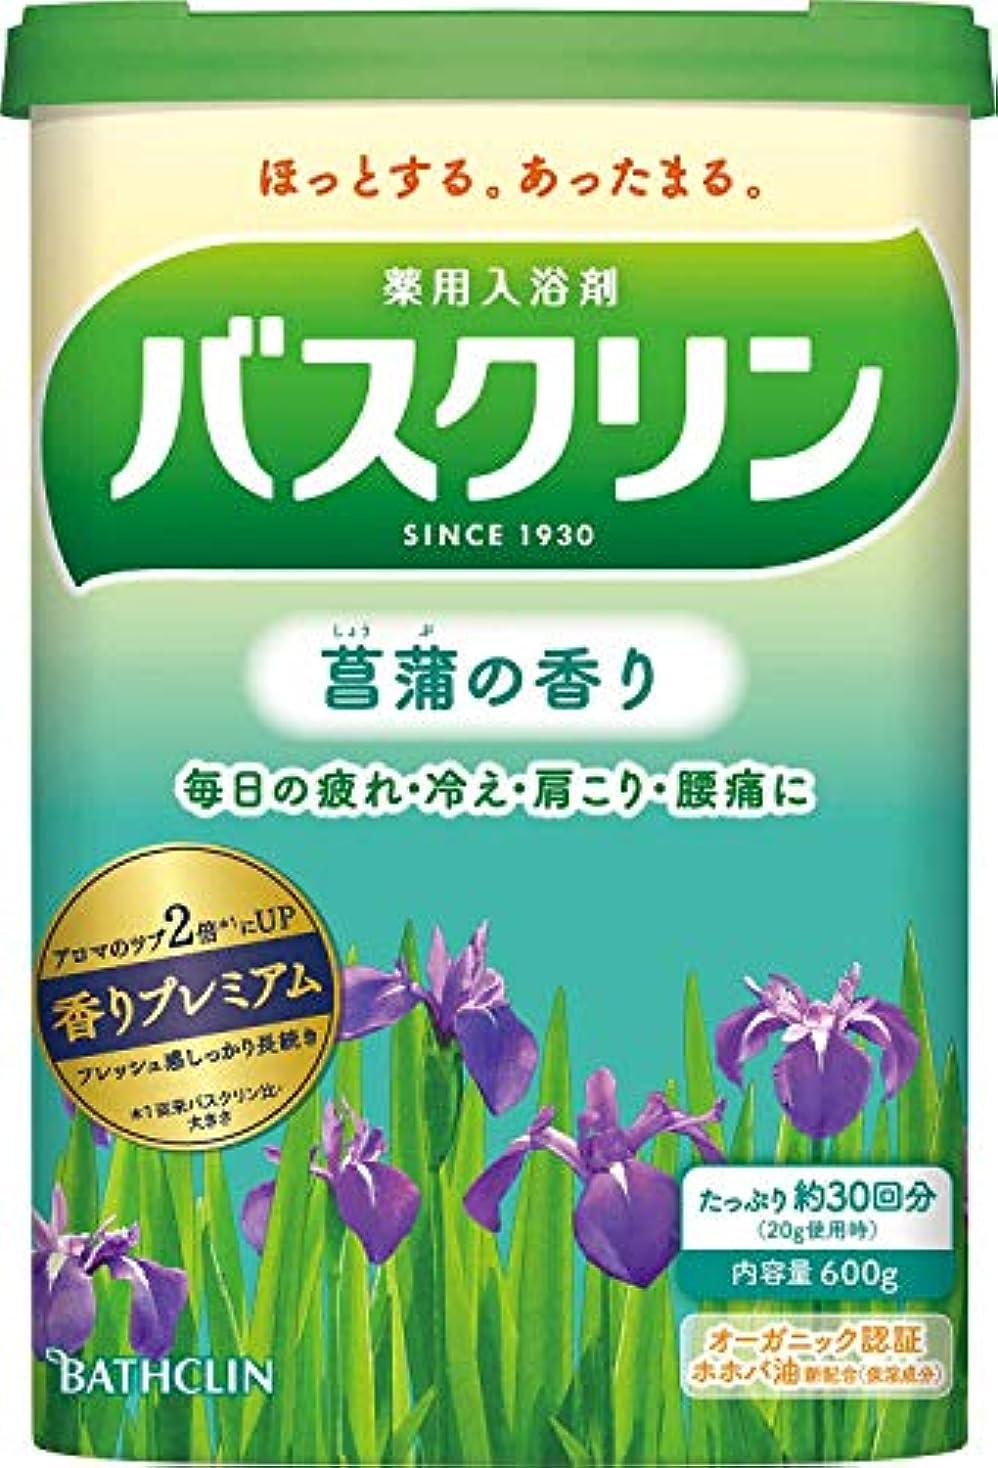 避けられないより多い振幅【医薬部外品】バスクリン入浴剤 菖蒲の香り600g(約30回分) 疲労回復